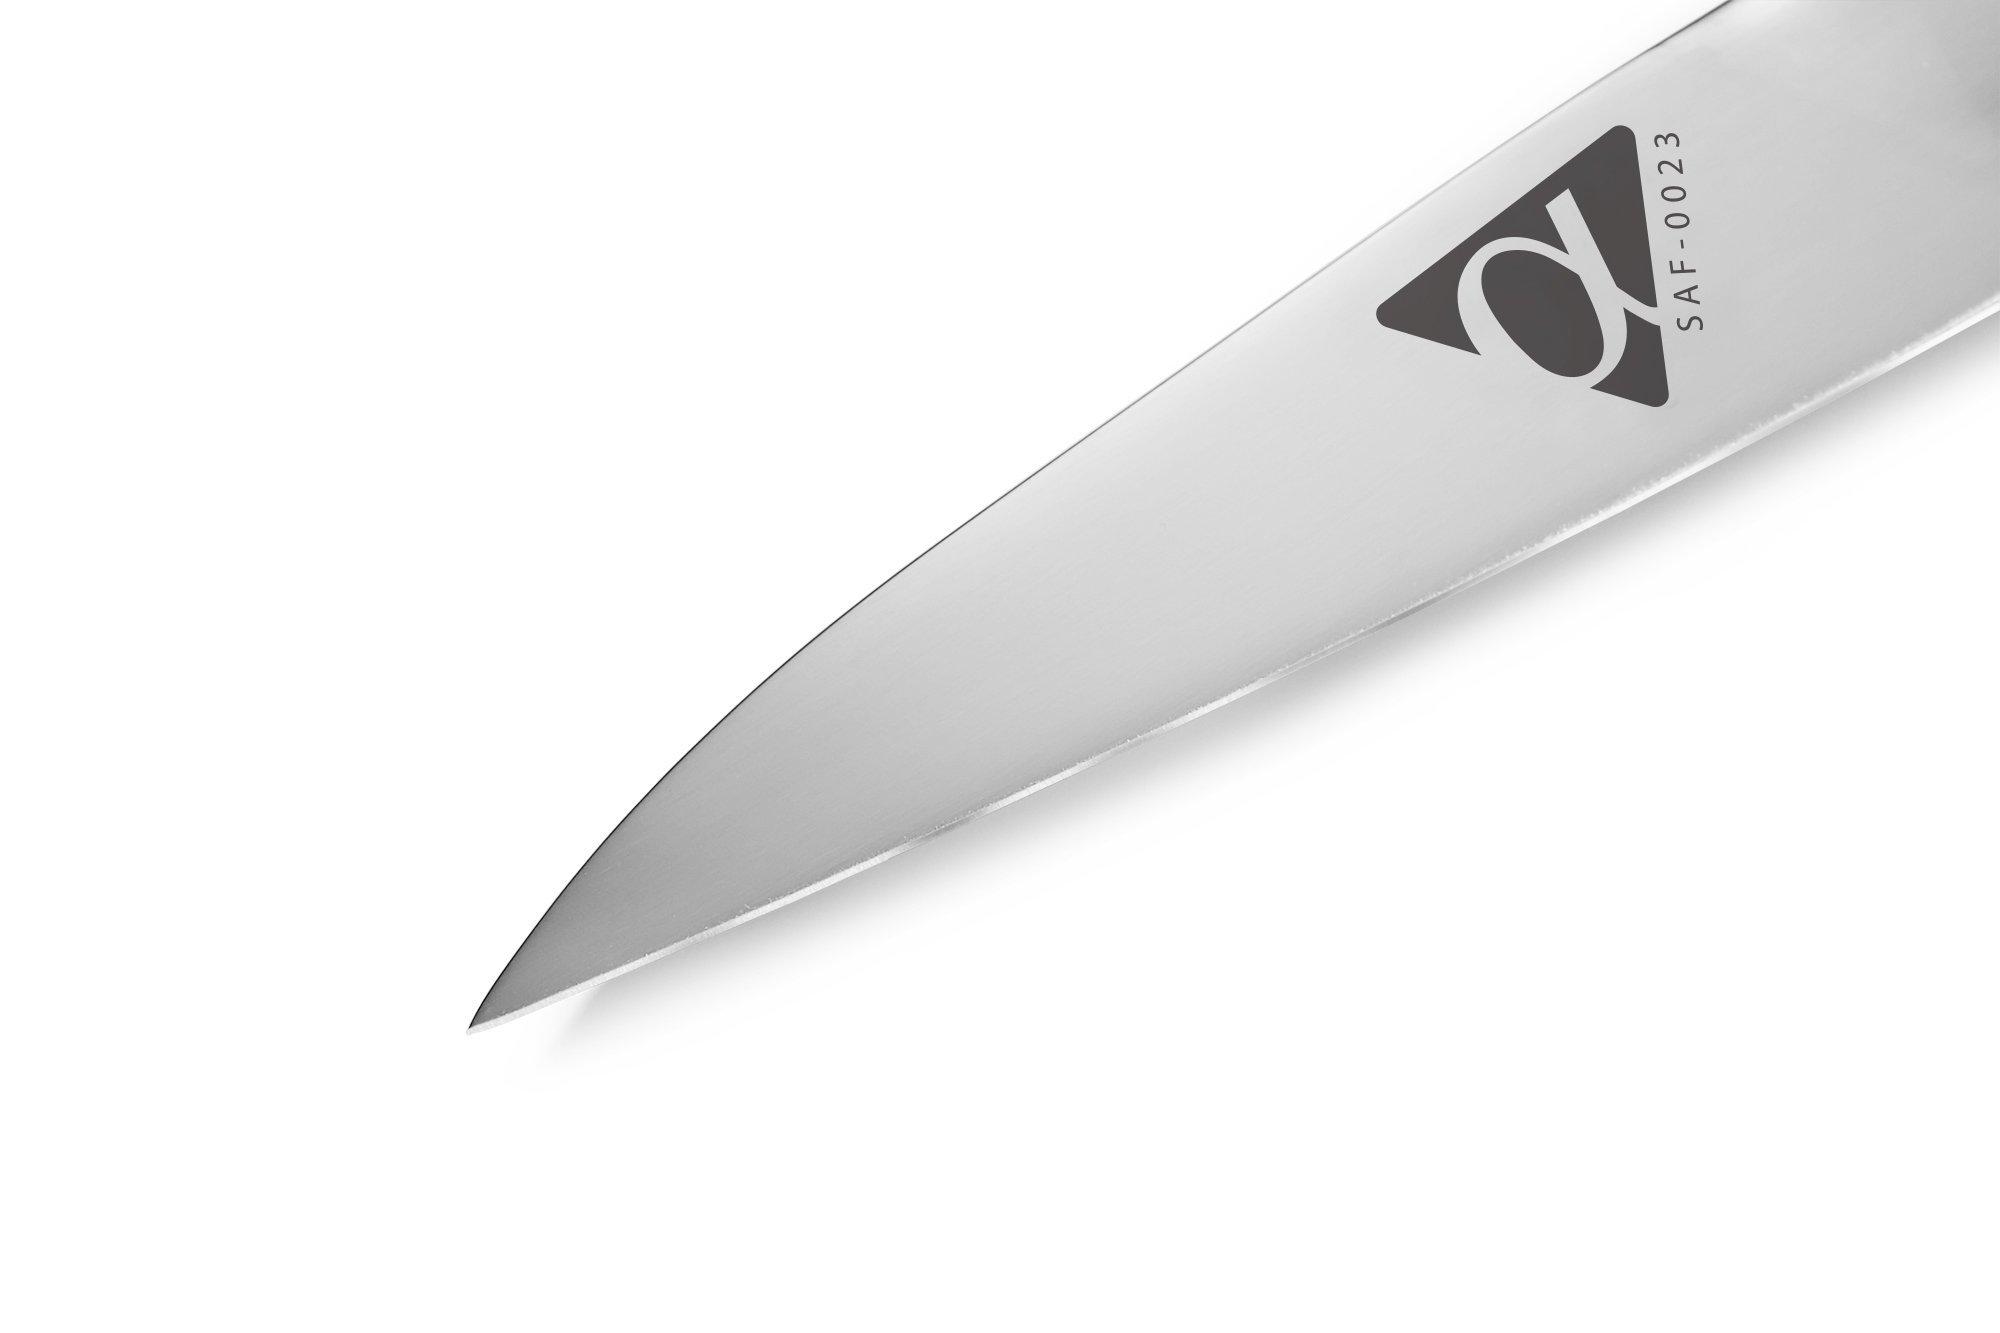 Фото 7 - Нож кухонный универсальный Samura Alfa SAF-0023/Y, сталь AUS-10